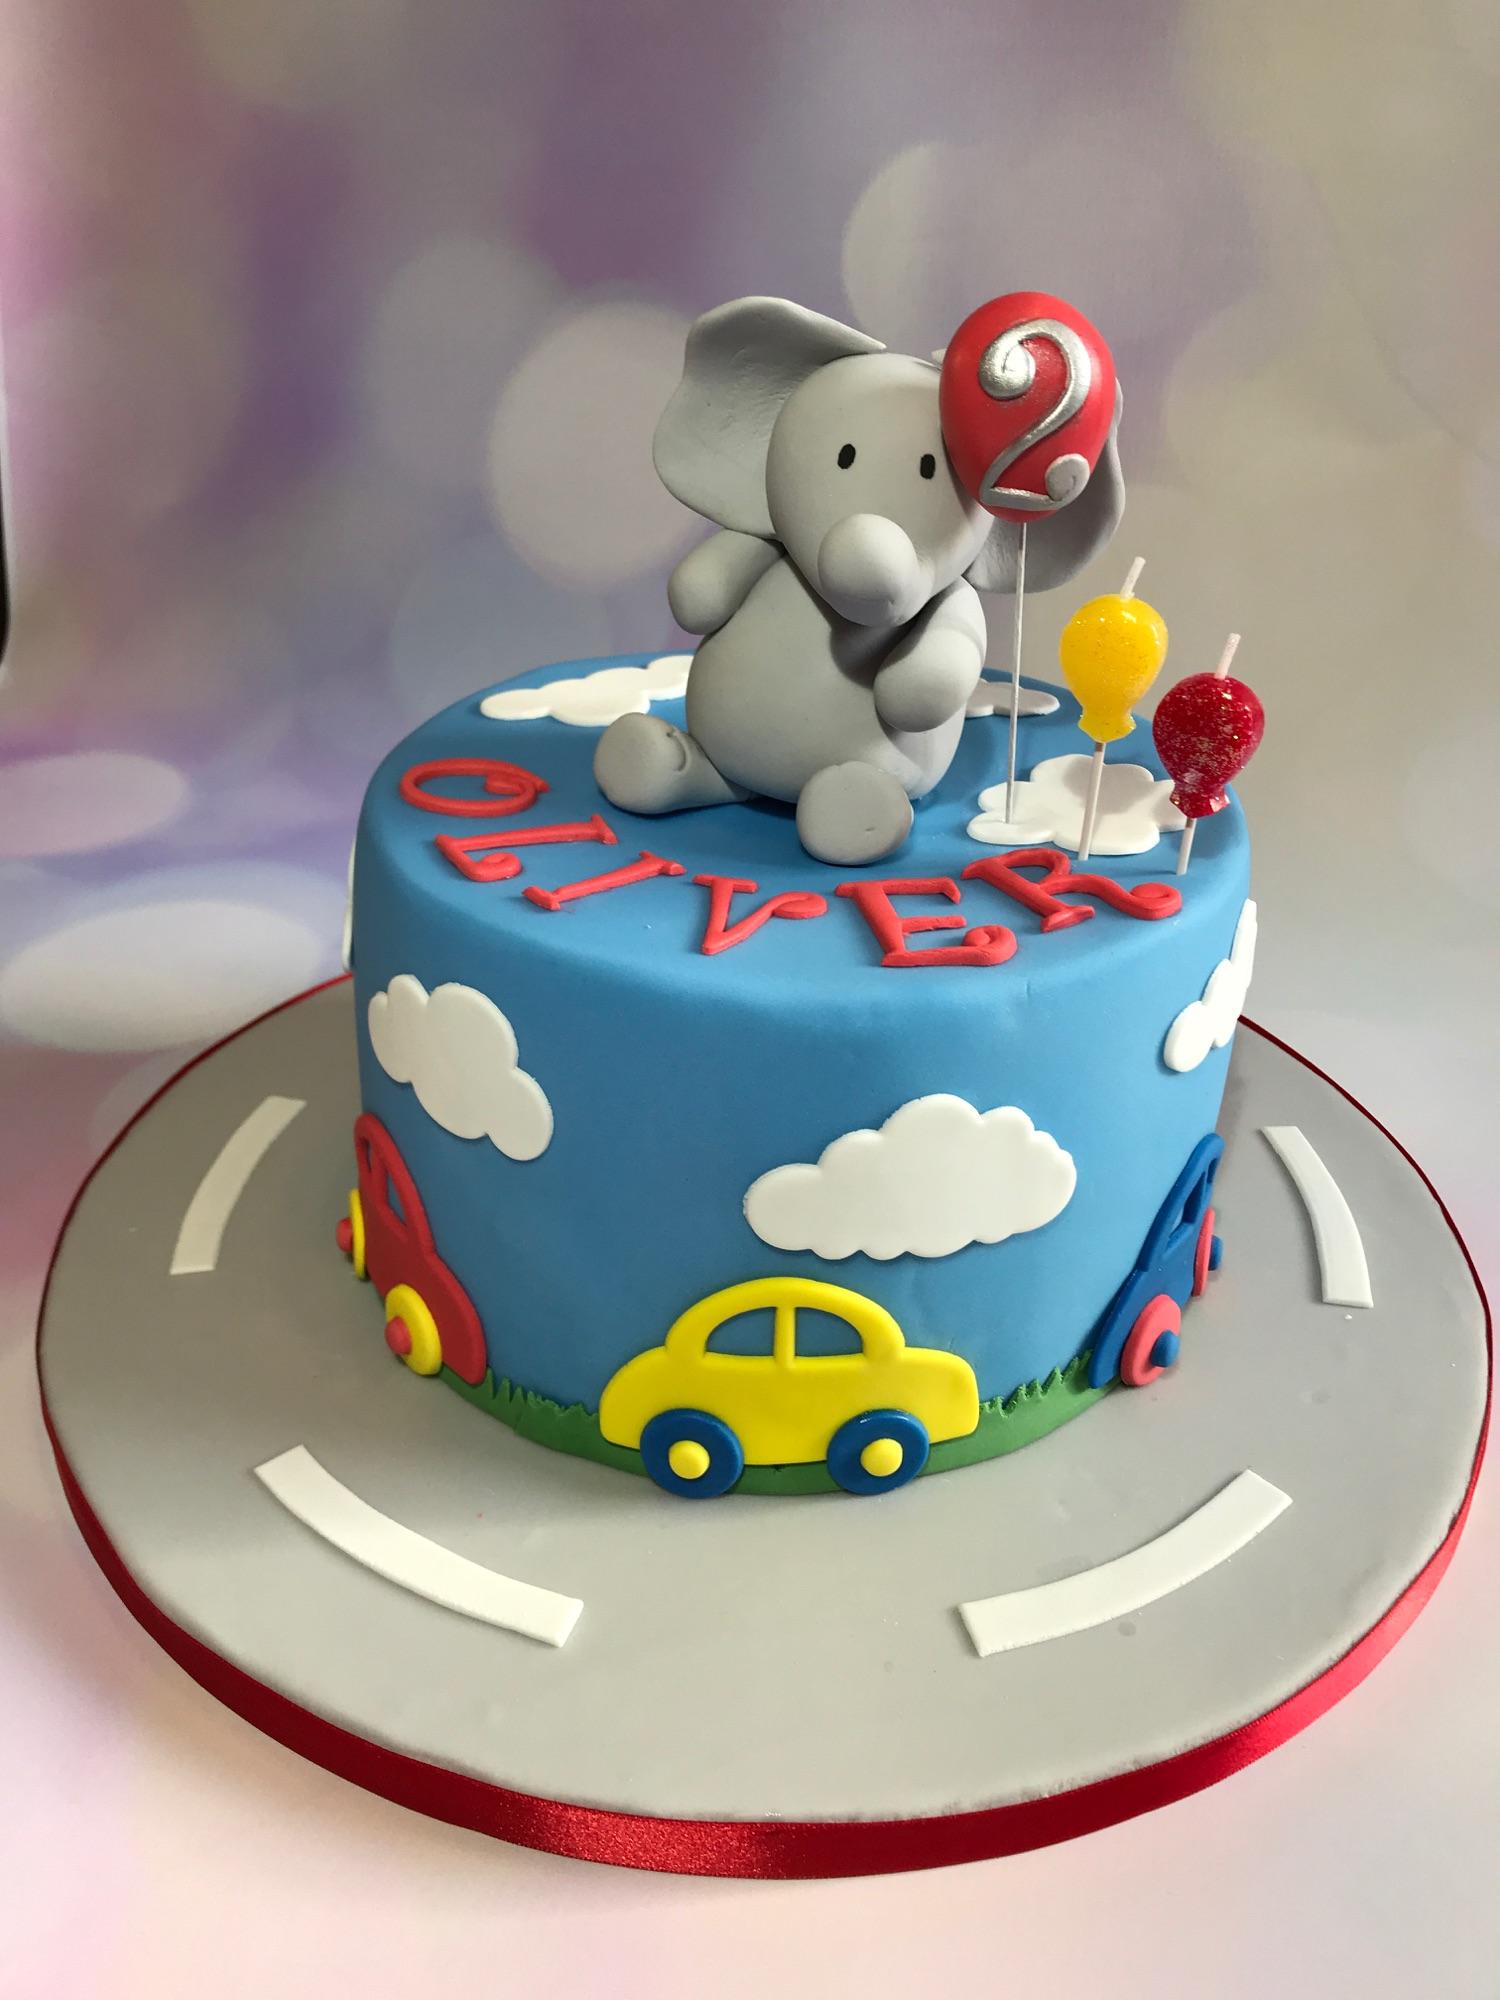 Elephant and Cars